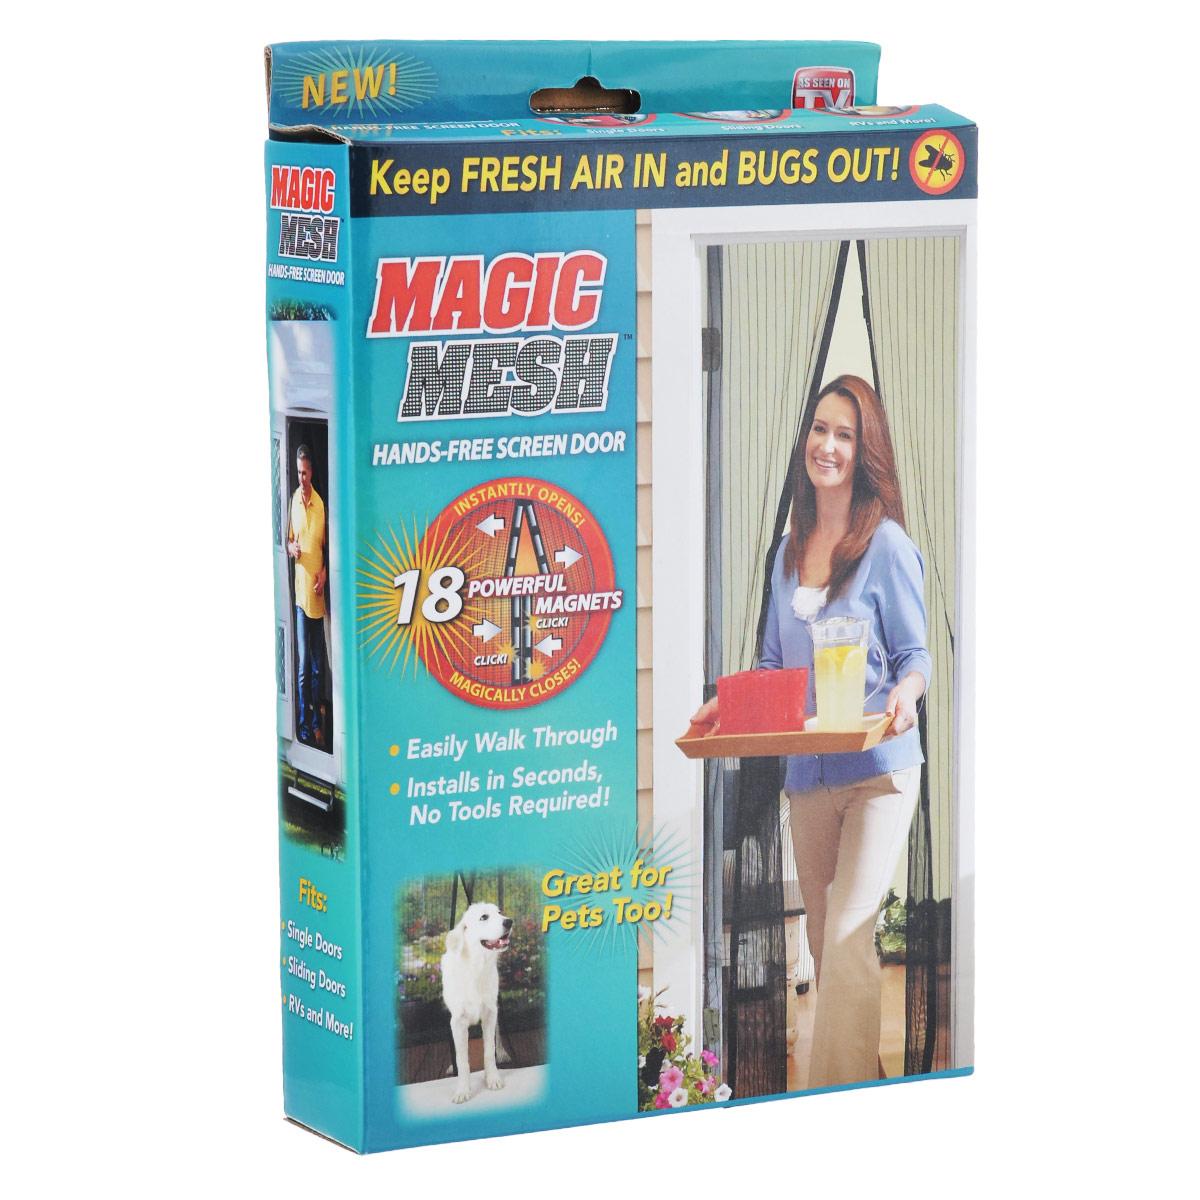 Сетка от насекомых Bradex Маскитофф, для дверей, цвет: черныйBH-SI0439-WWСетка для дверей насекомых Bradex Маскитофф выполнена из прочного полиэстера. Такая сетка встанет нерушимой преградой между вашим домом и насекомыми. Чтобы избавиться от комаров и мух, которые отравляют сон, не обязательно закрывать все двери и окна и задыхаться в доме от жары. С магнитной сеткой вы легко пройдете сквозь нее, даже если заняты руки. Благодаря 18 магнитам, вшитым в сетку, она магически захлопнется за вами. Bradex Маскитофф просто незаменим для владельцев животных. Вместо того, чтобы жалобно скрестить в дверь, ваш питомец сможет входить и выходить из помещения, когда пожелает. Для установки вам не потребуются ни гвозди, ни шурупы: сетка на липучке прочно крепится к любой двери и не отходит весь сезон, как бы часто вы ею ни пользовались. Впустите свежий воздух в ваш дом, оставив назойливых насекомых на улице с магнитной сеткой для дверей Bradex Маскитофф! Размер сетки: 100 см х 210 см.